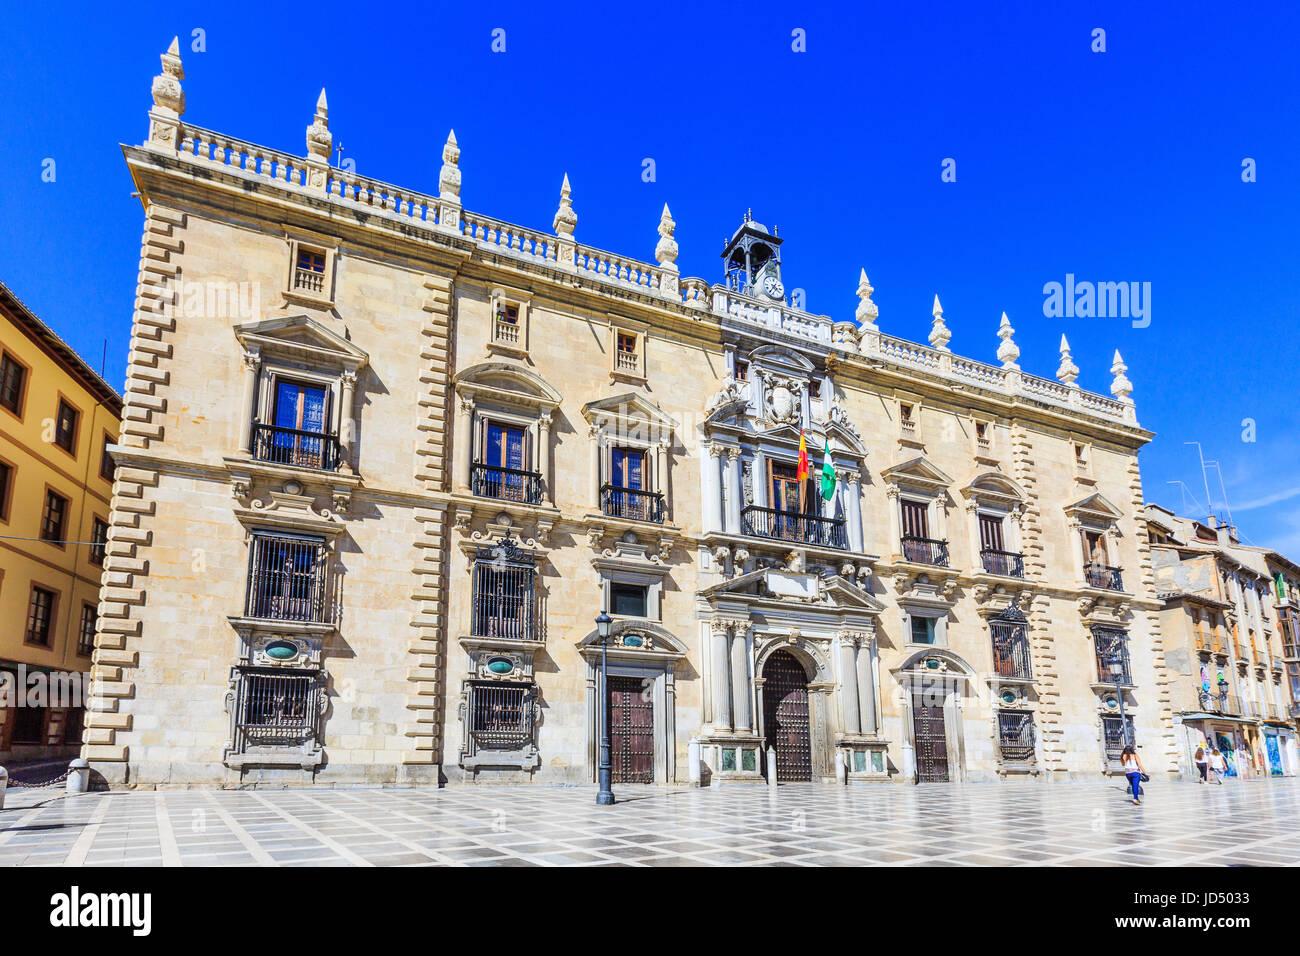 Granada, España. Real Chancillería (Tribunal Supremo de Andalucía) en la Plaza Nueva. Imagen De Stock